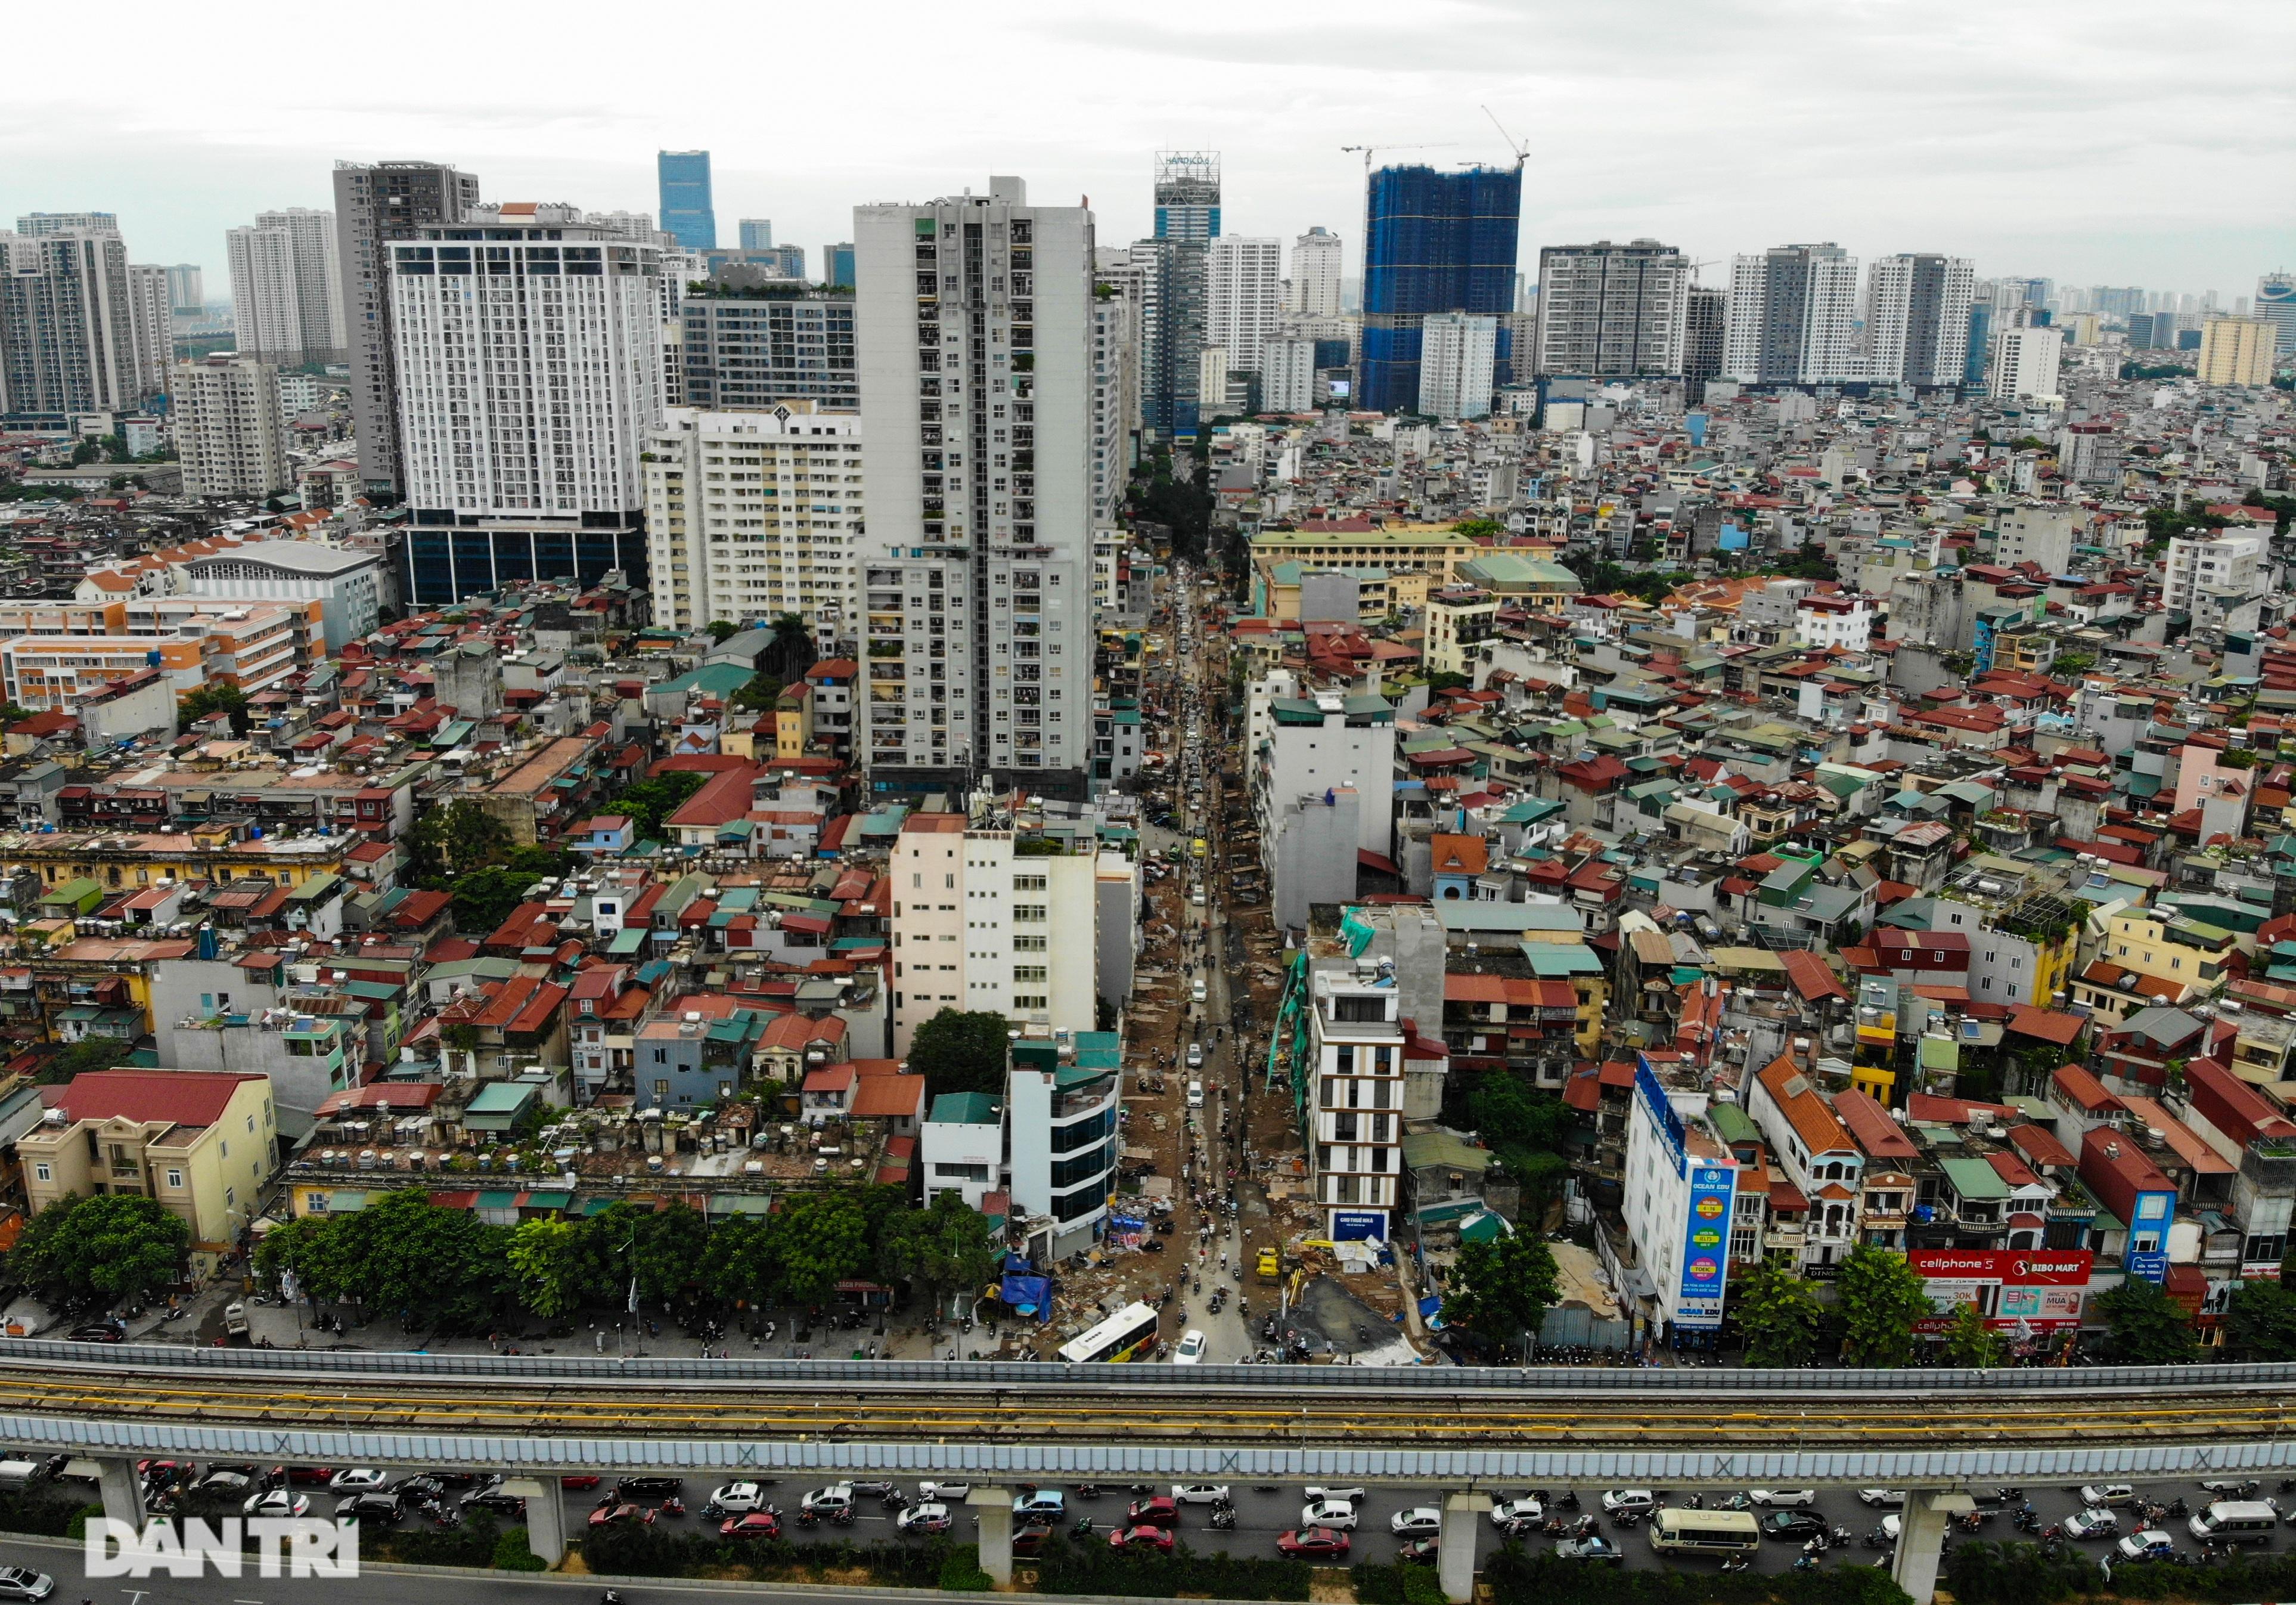 Hà Nội: Hơn 400 mét đường ì ạch thi công gần 3 năm chưa xong